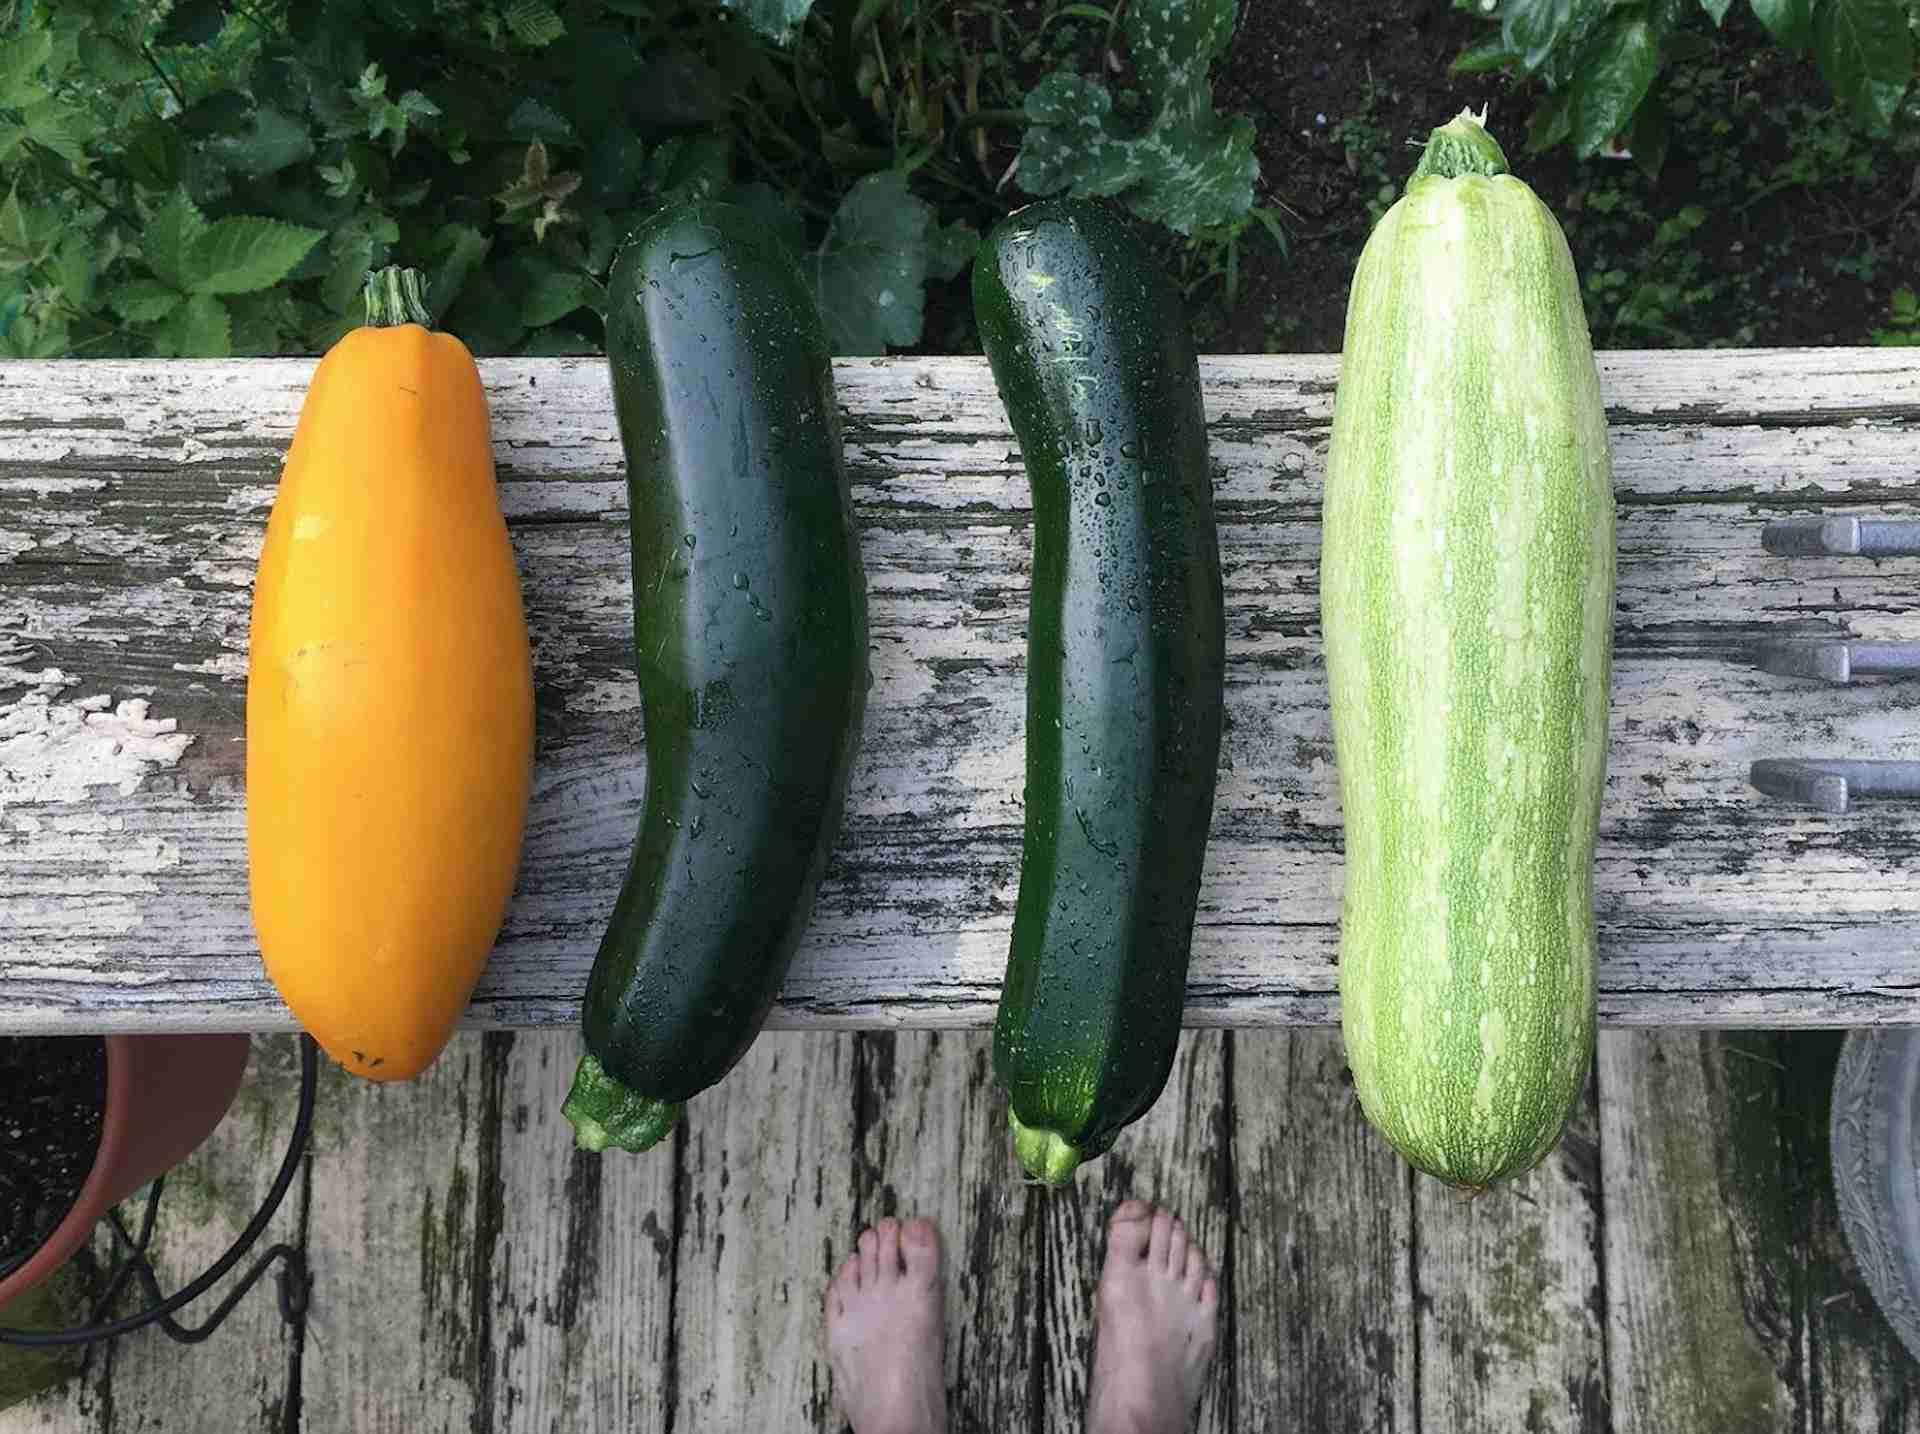 Zucchini schälen oder nicht